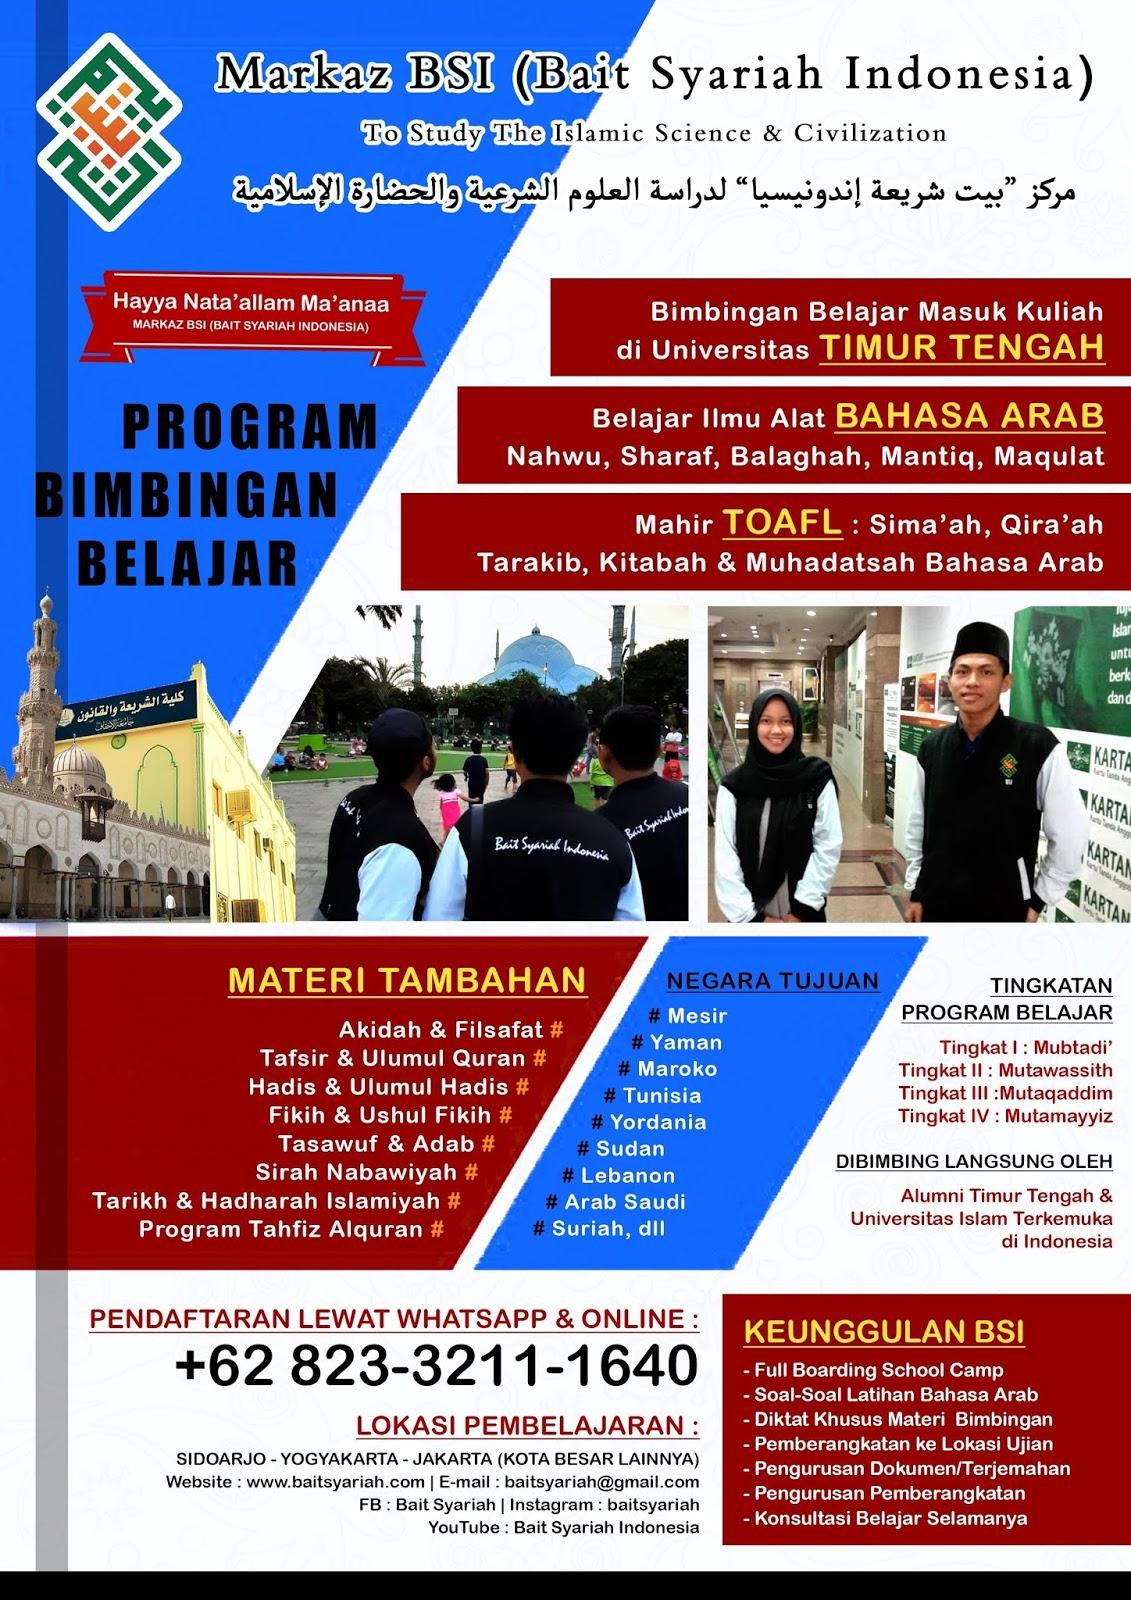 Bimbingan Belajar Kuliah ke Timur Tengah